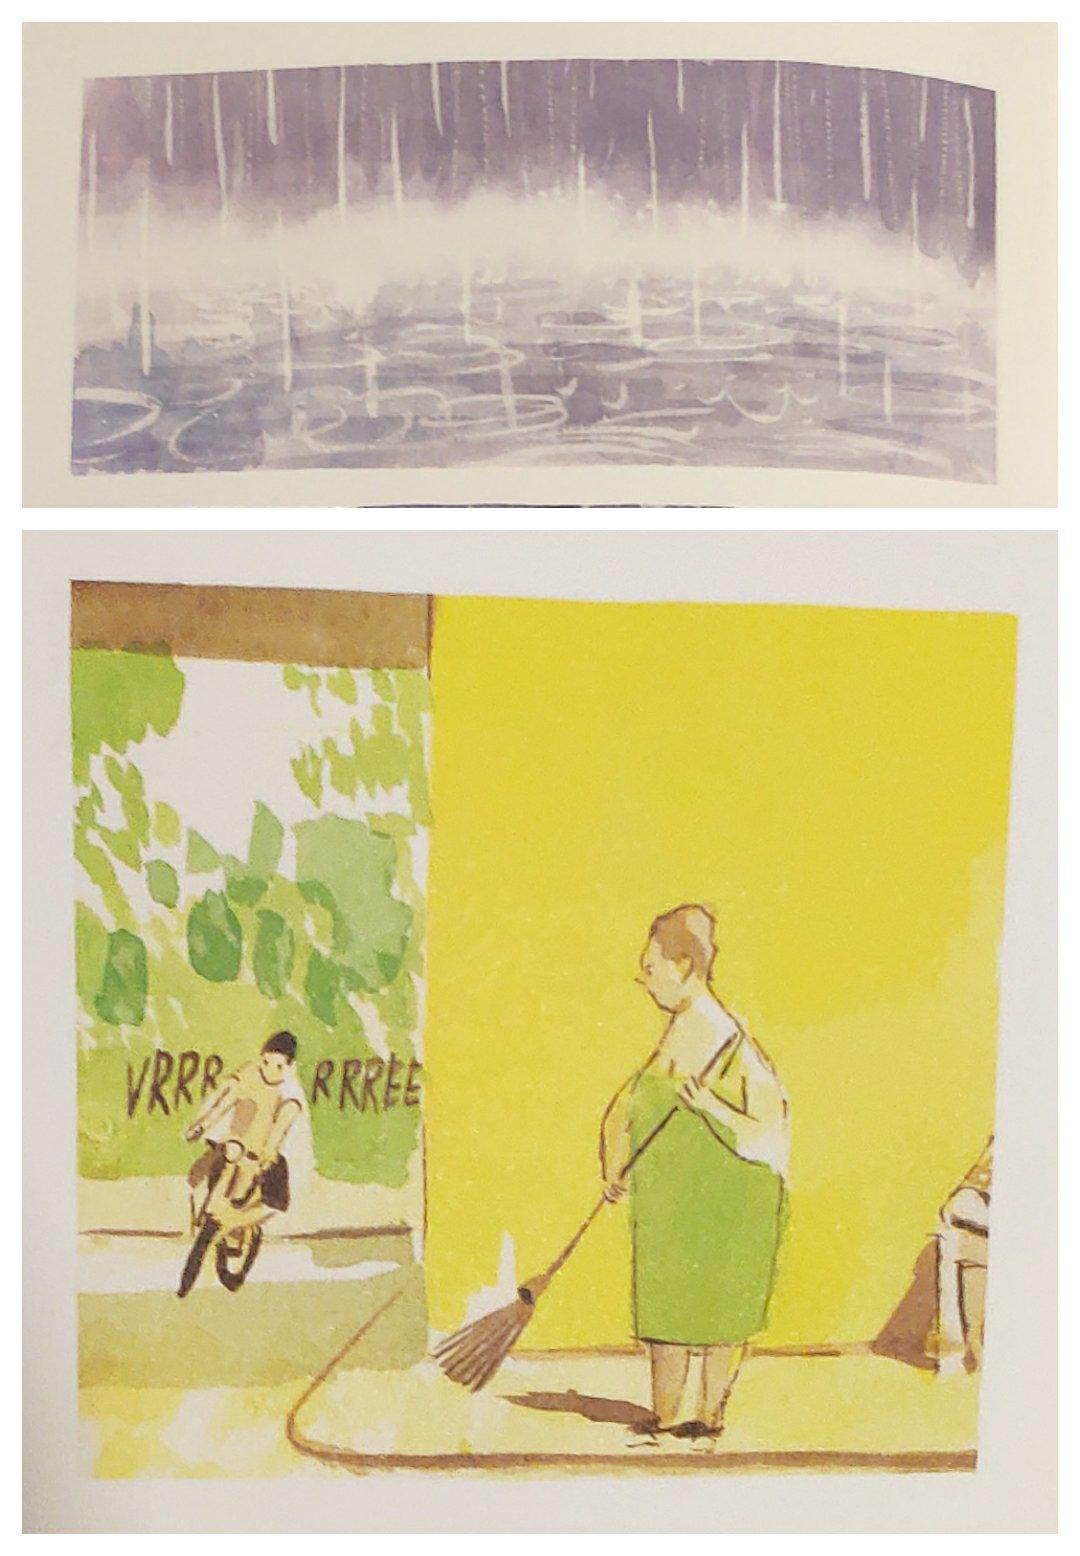 Mio caro fumetto... - Immagini che esemplificano l'uso differenziato delle tinte degli acquerelli (cupe e luminose).